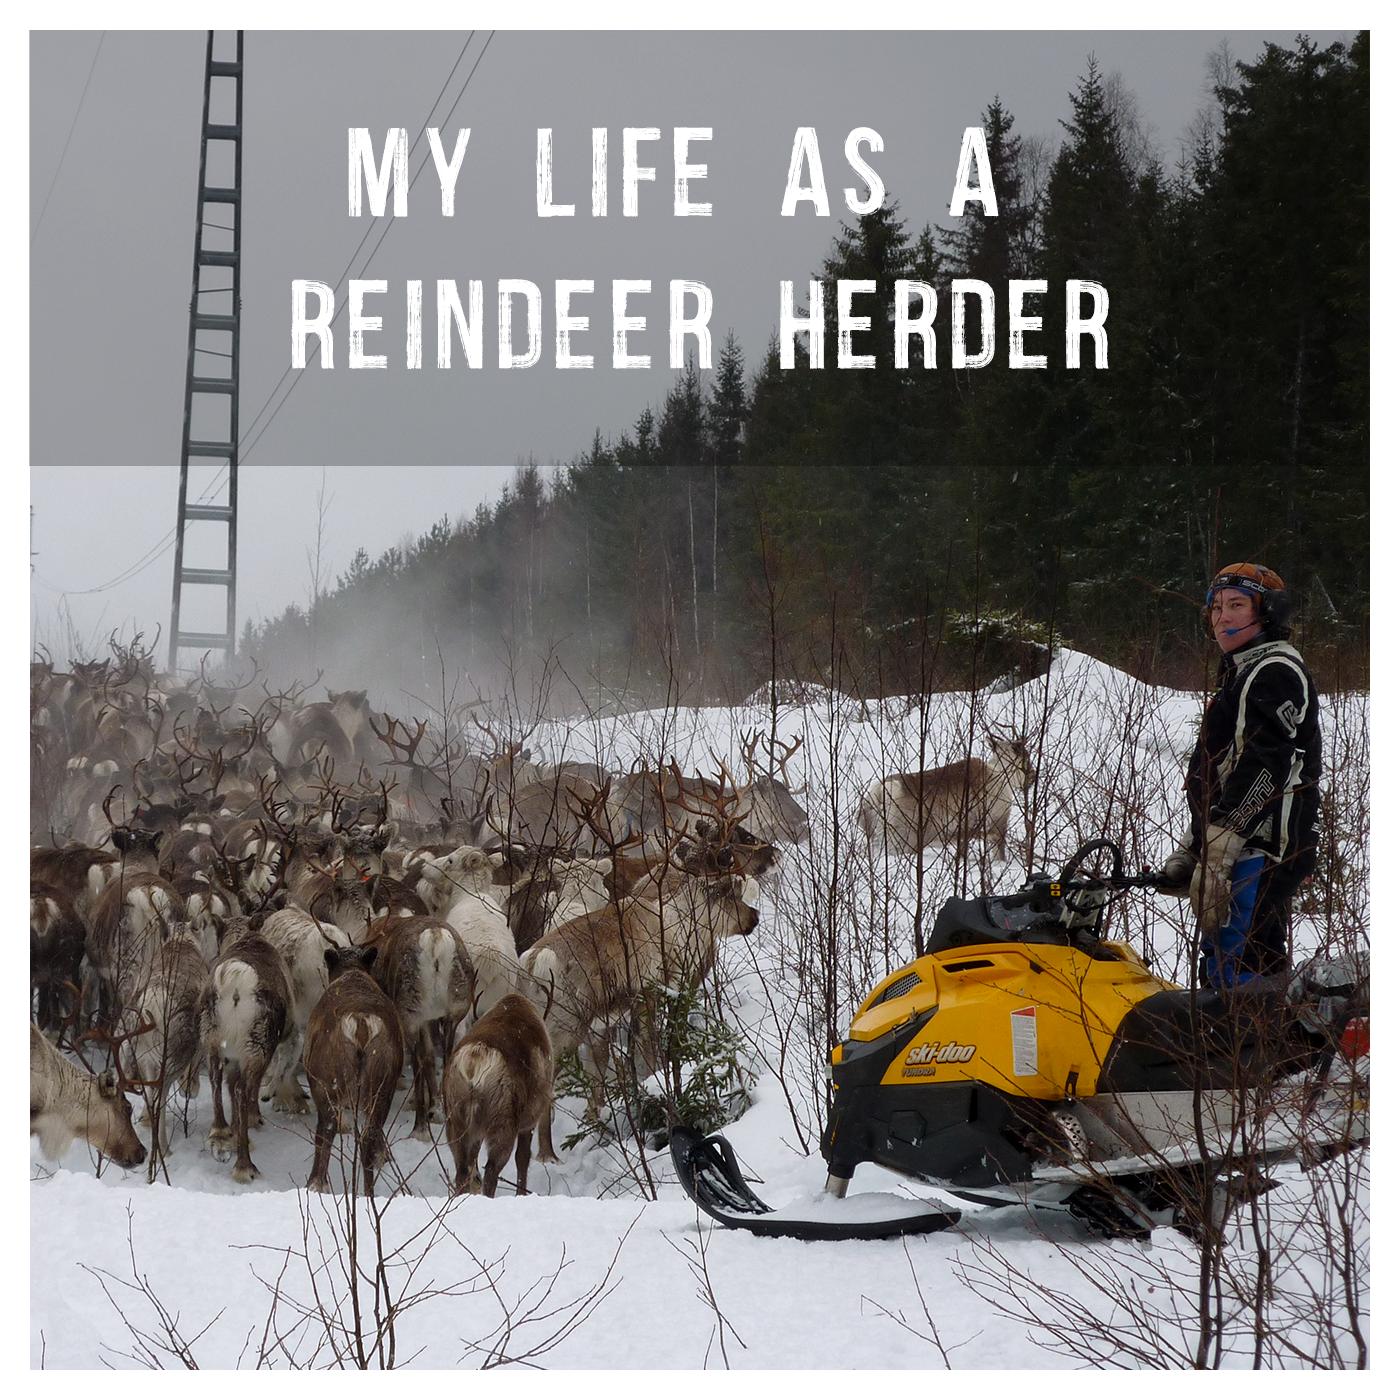 My life as a reindeer herder